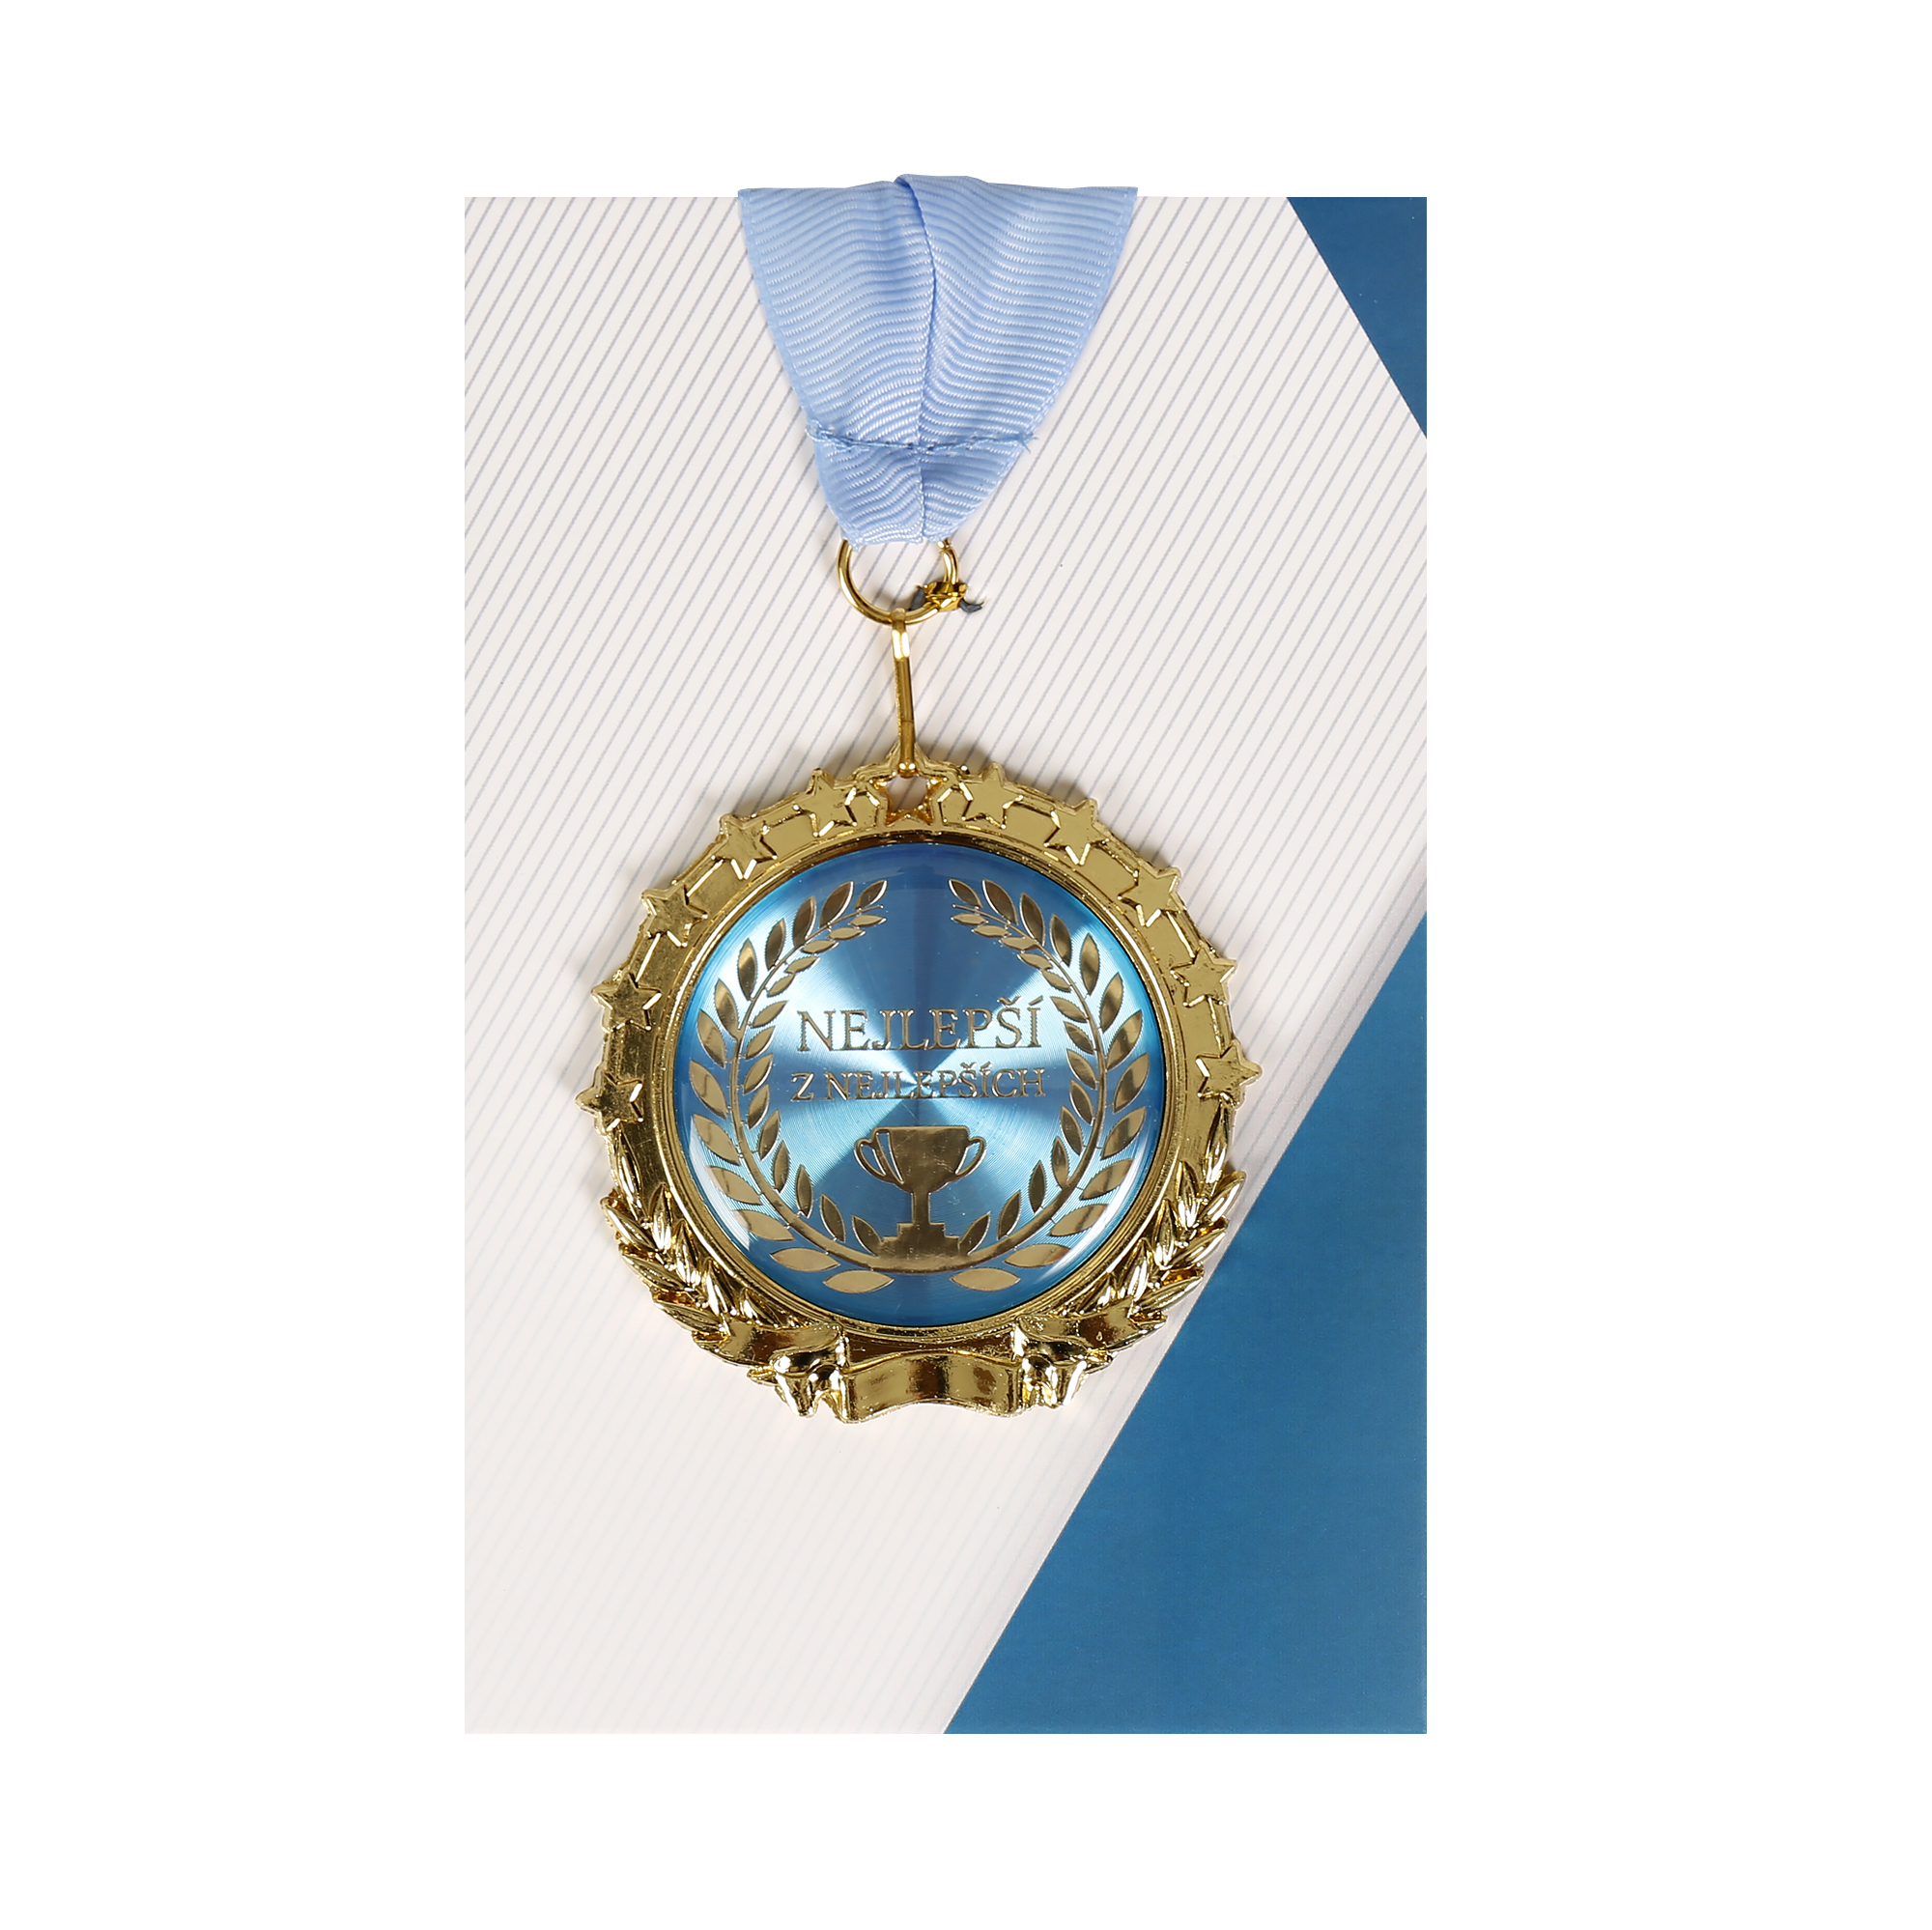 Přání s medailí - Jsi nejlepší